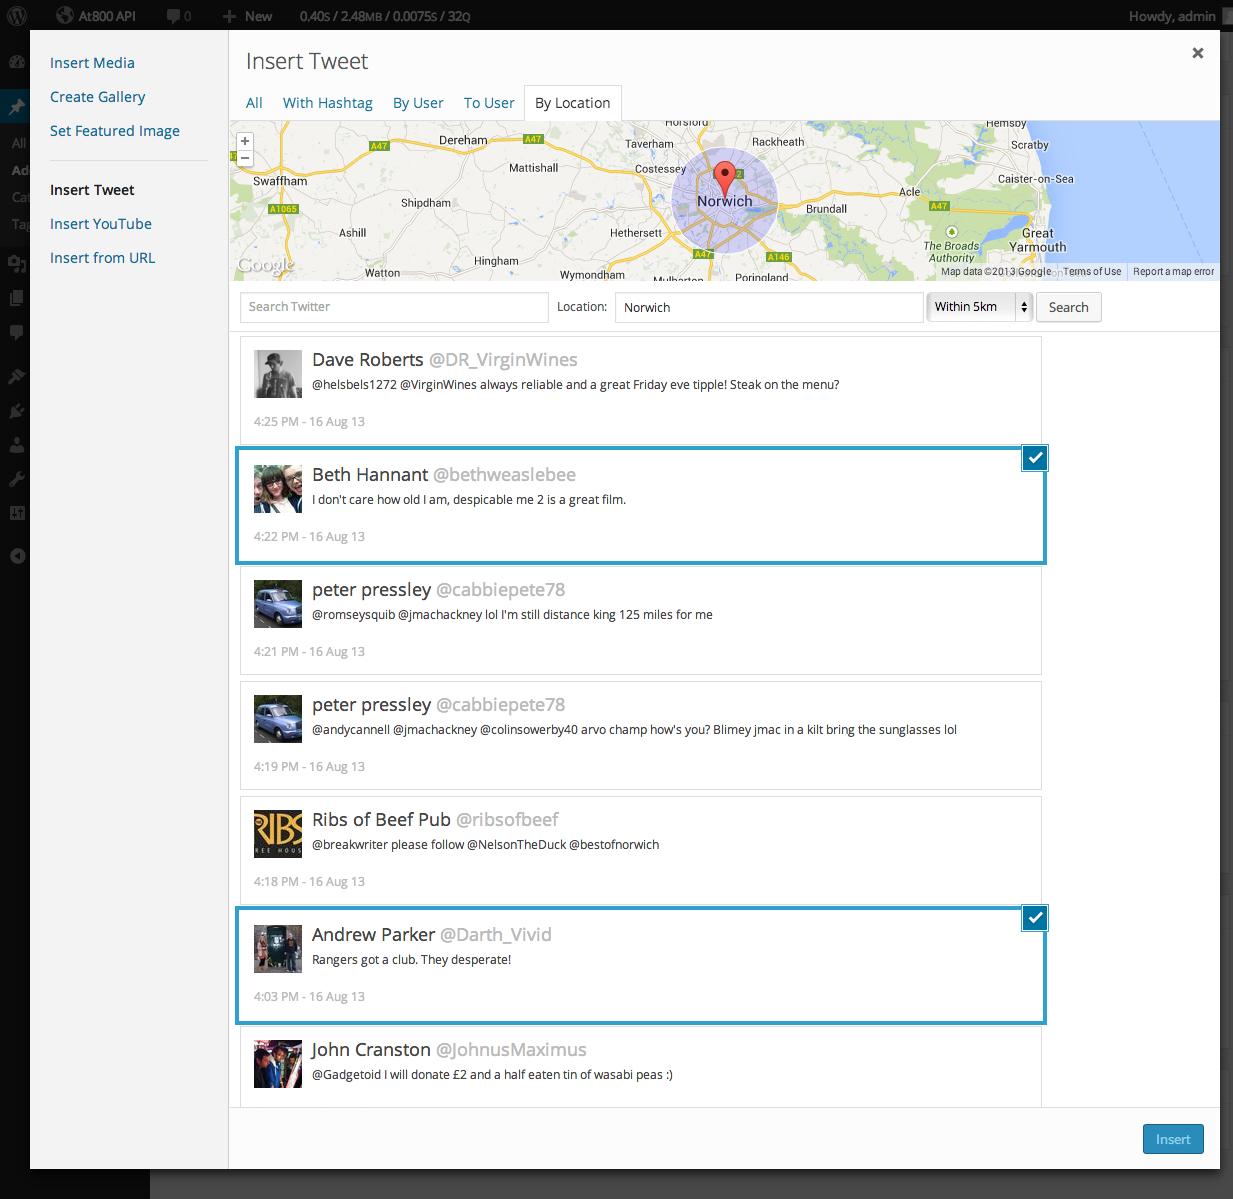 media-explorer-twitter-map